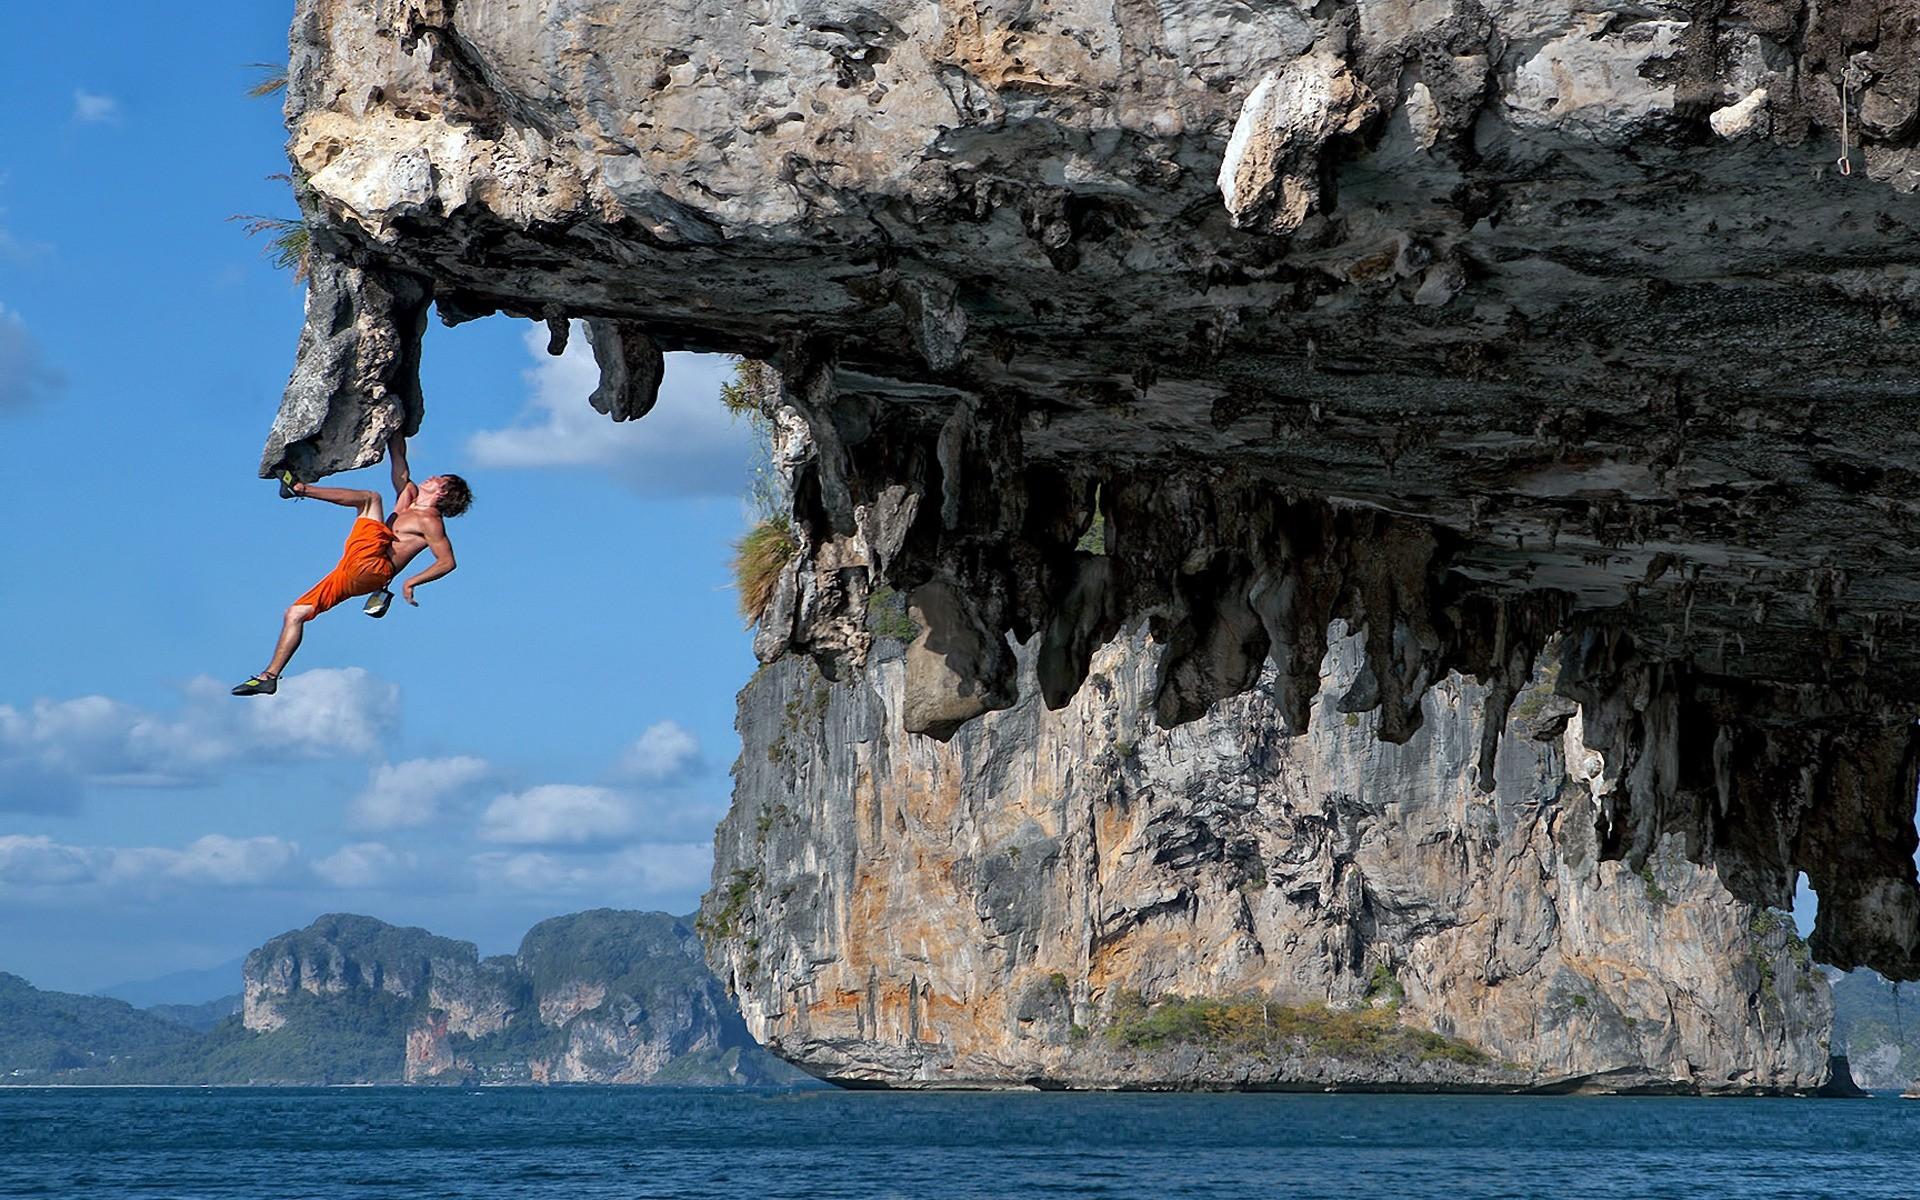 природа горы спорт скалолазание  № 3295492 бесплатно